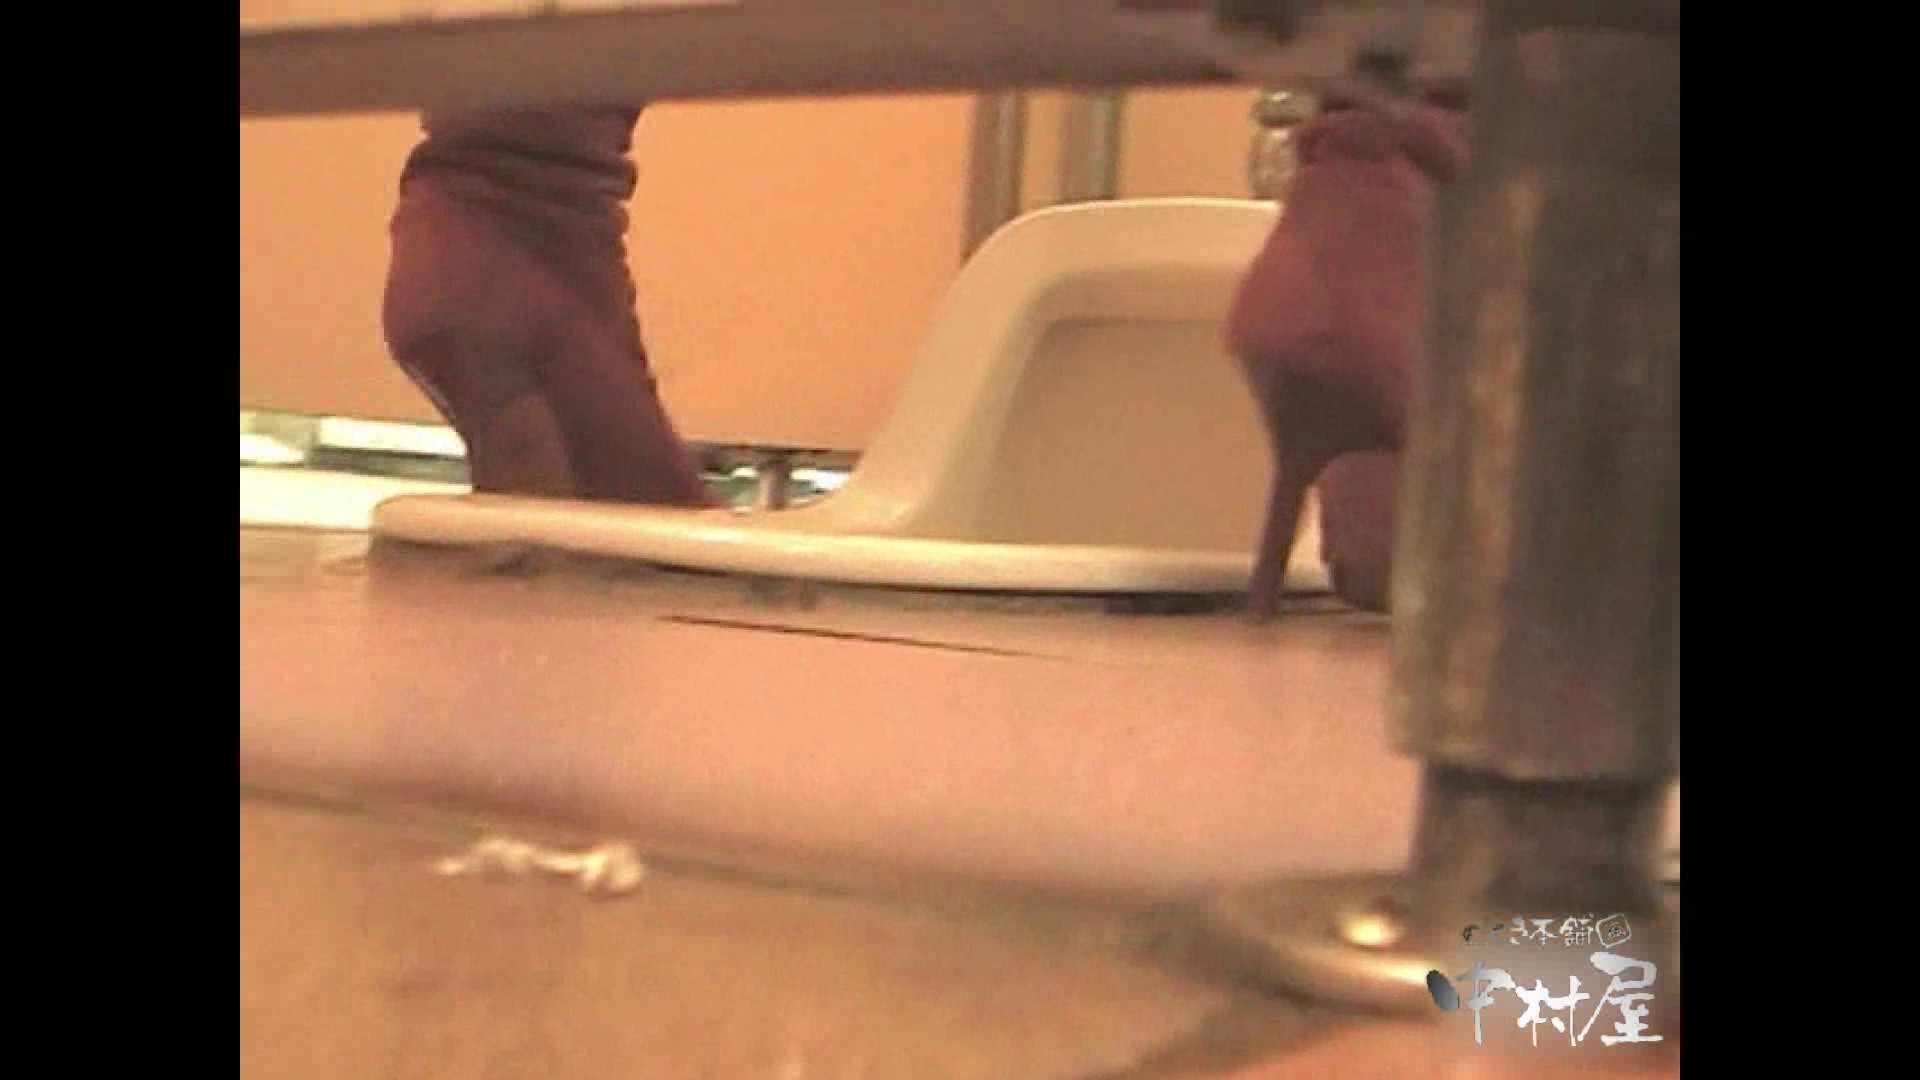 岩手県在住盗撮師盗撮記録vol.01 厠隠し撮り おまんこ動画流出 98pic 37